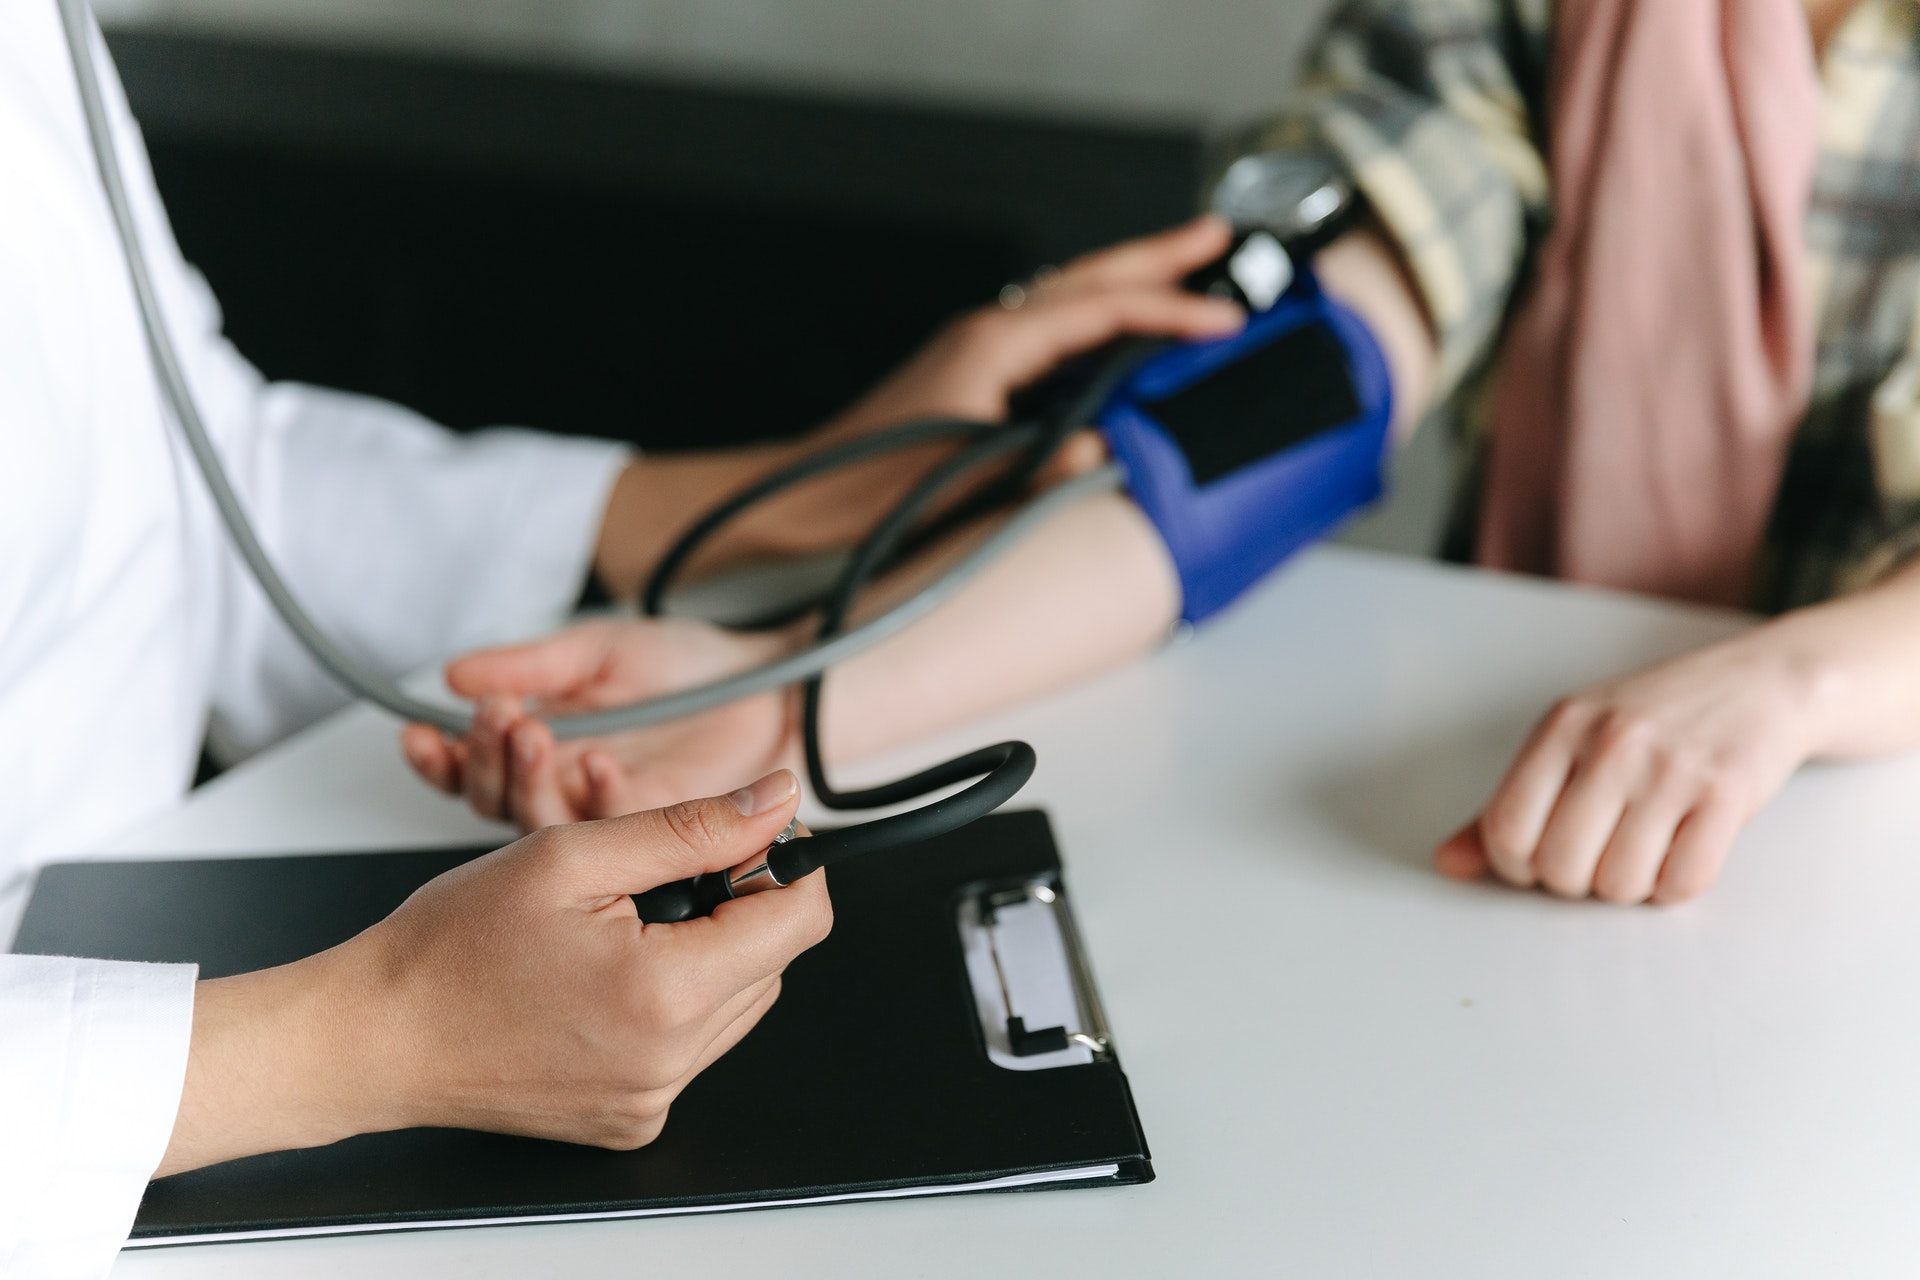 Молодые россияне страдают от инфарктов и инсультов из-за образа жизни - кардиолог Федоров